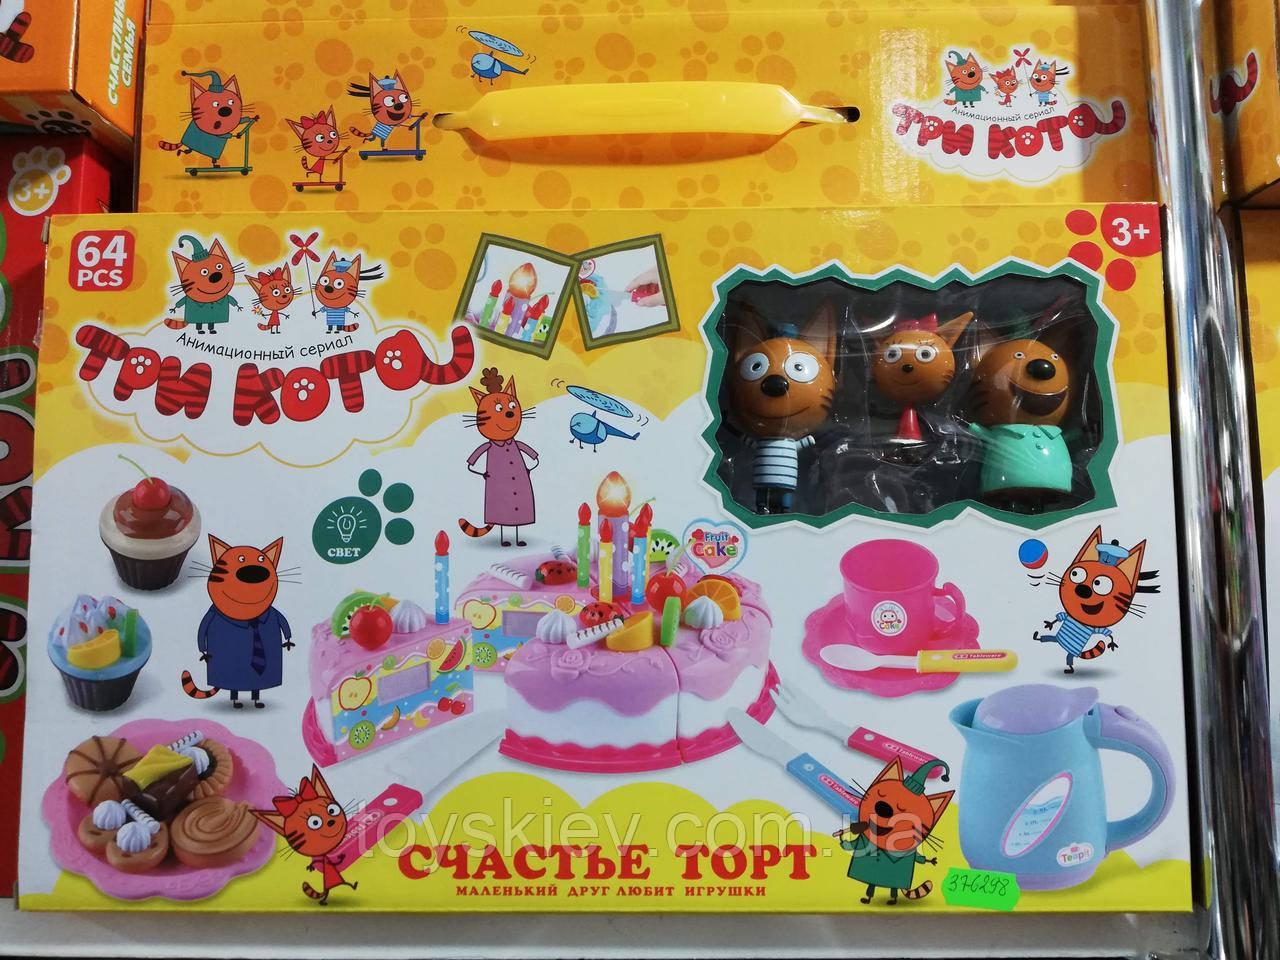 Игровой набор «Три кота» 3 фигурки и большой светящийся торт 64 детали.